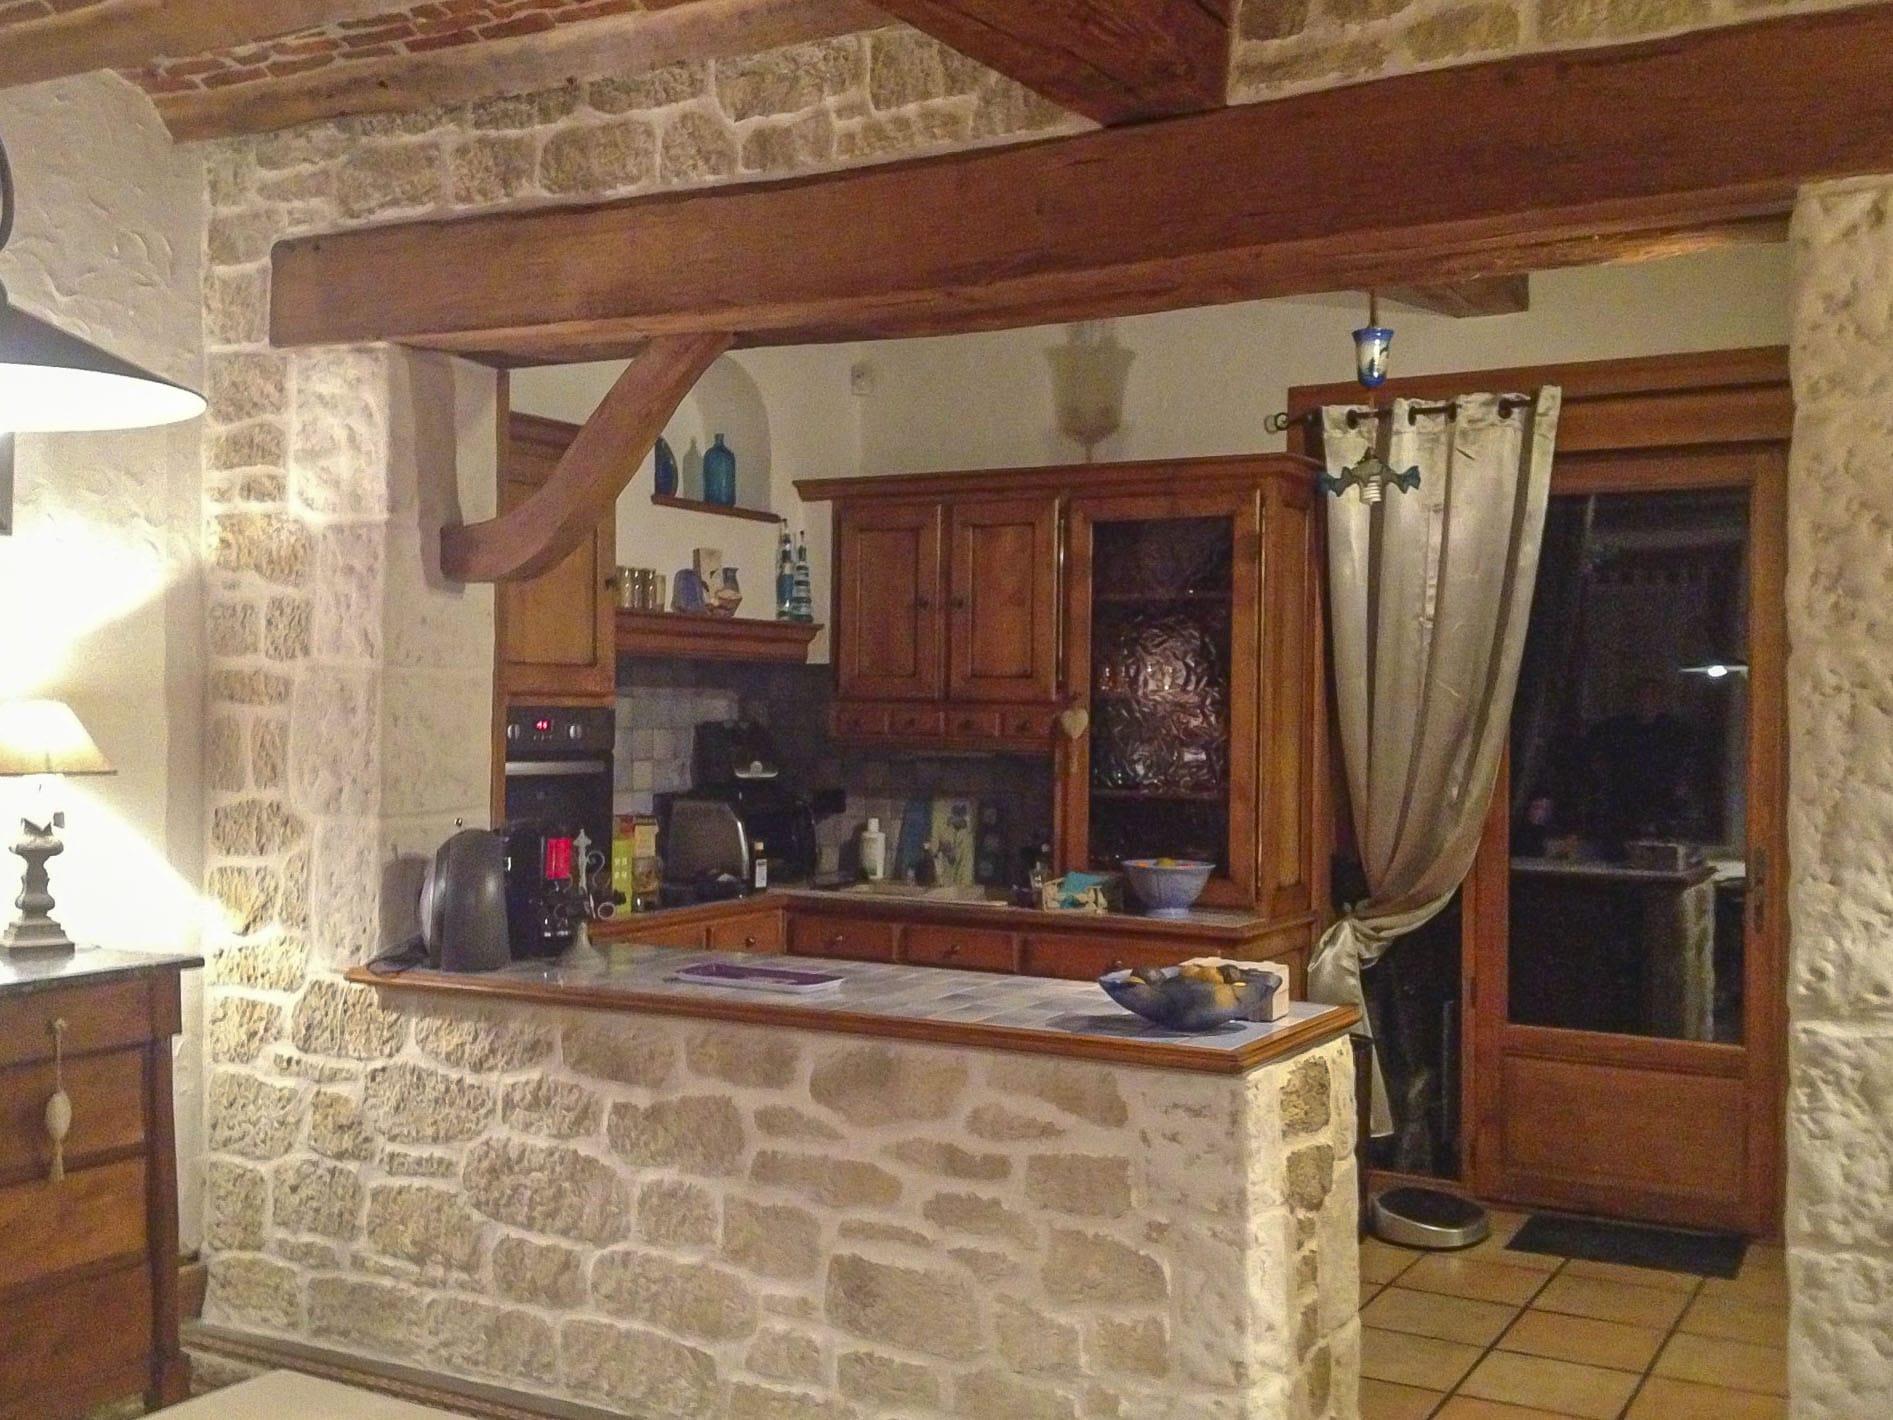 Mur En Pierre Naturelle intérieur chaleureux, cuisine avec le cachet unique de la